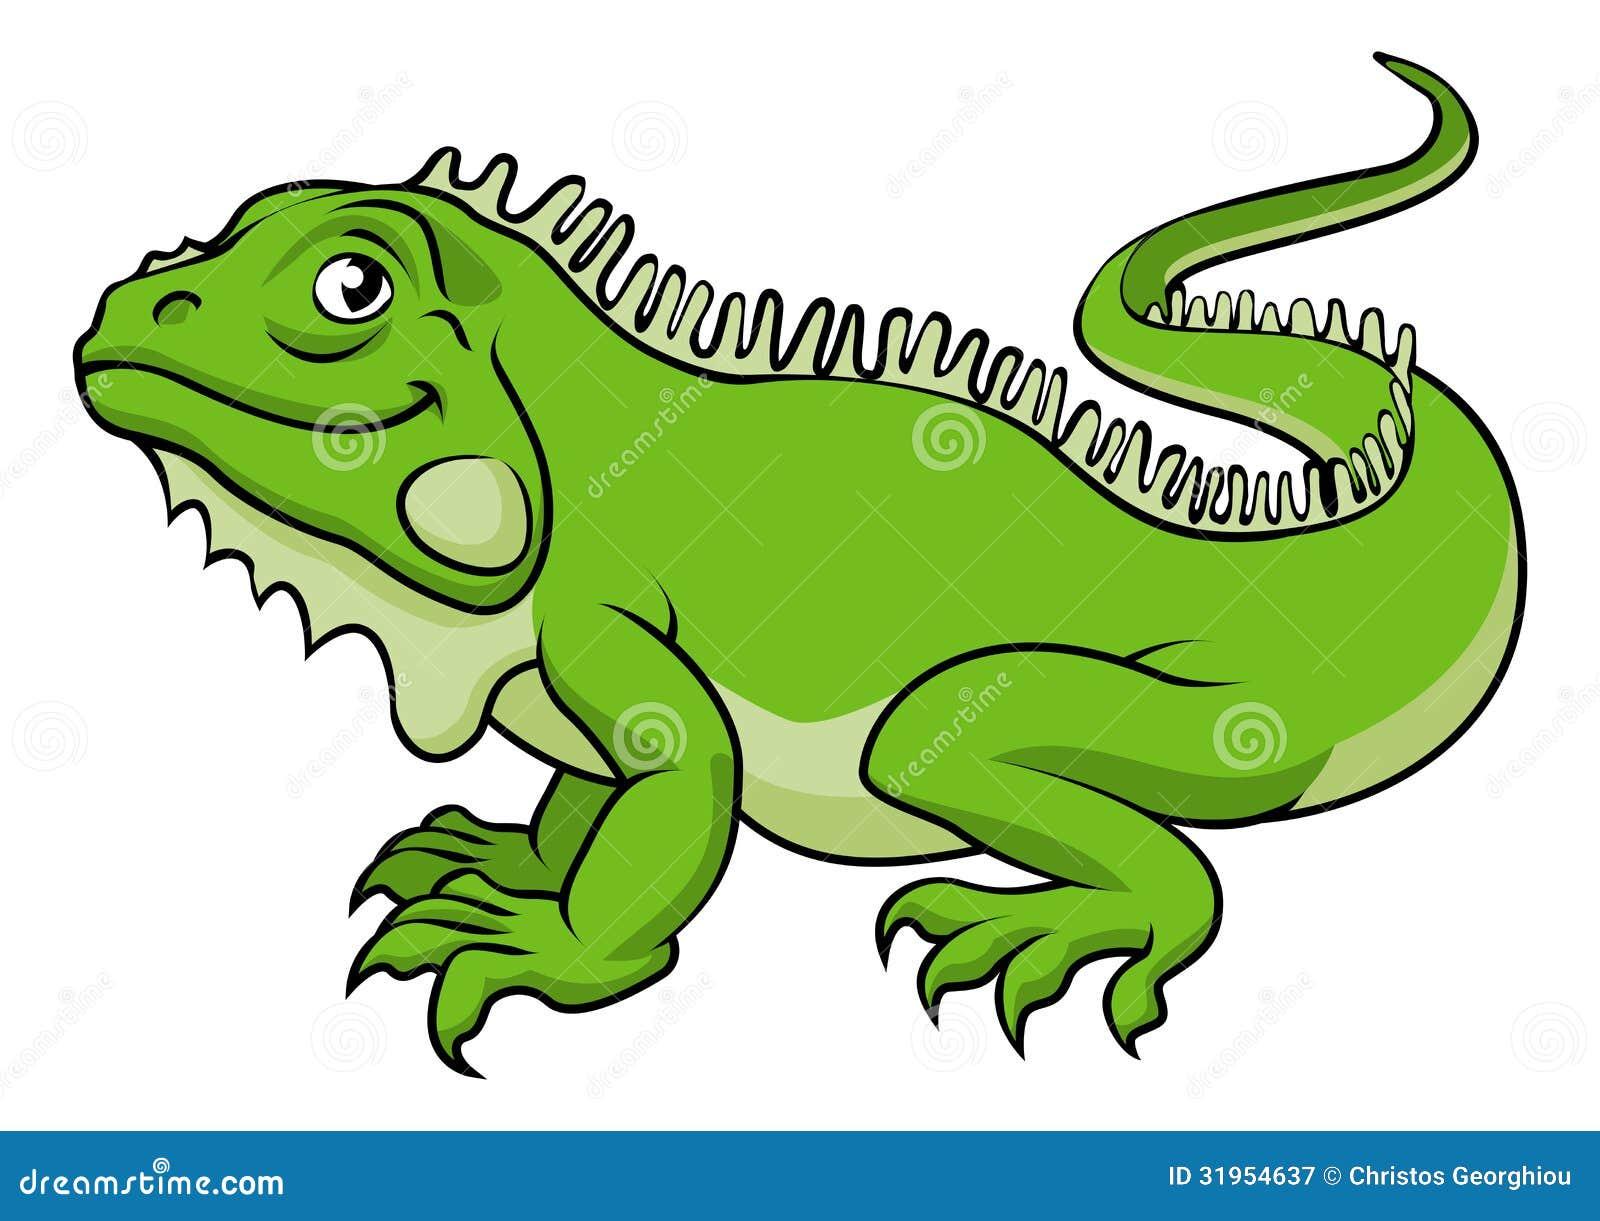 Cartoon Iguana Lizard Royalty  Lizard Clipart